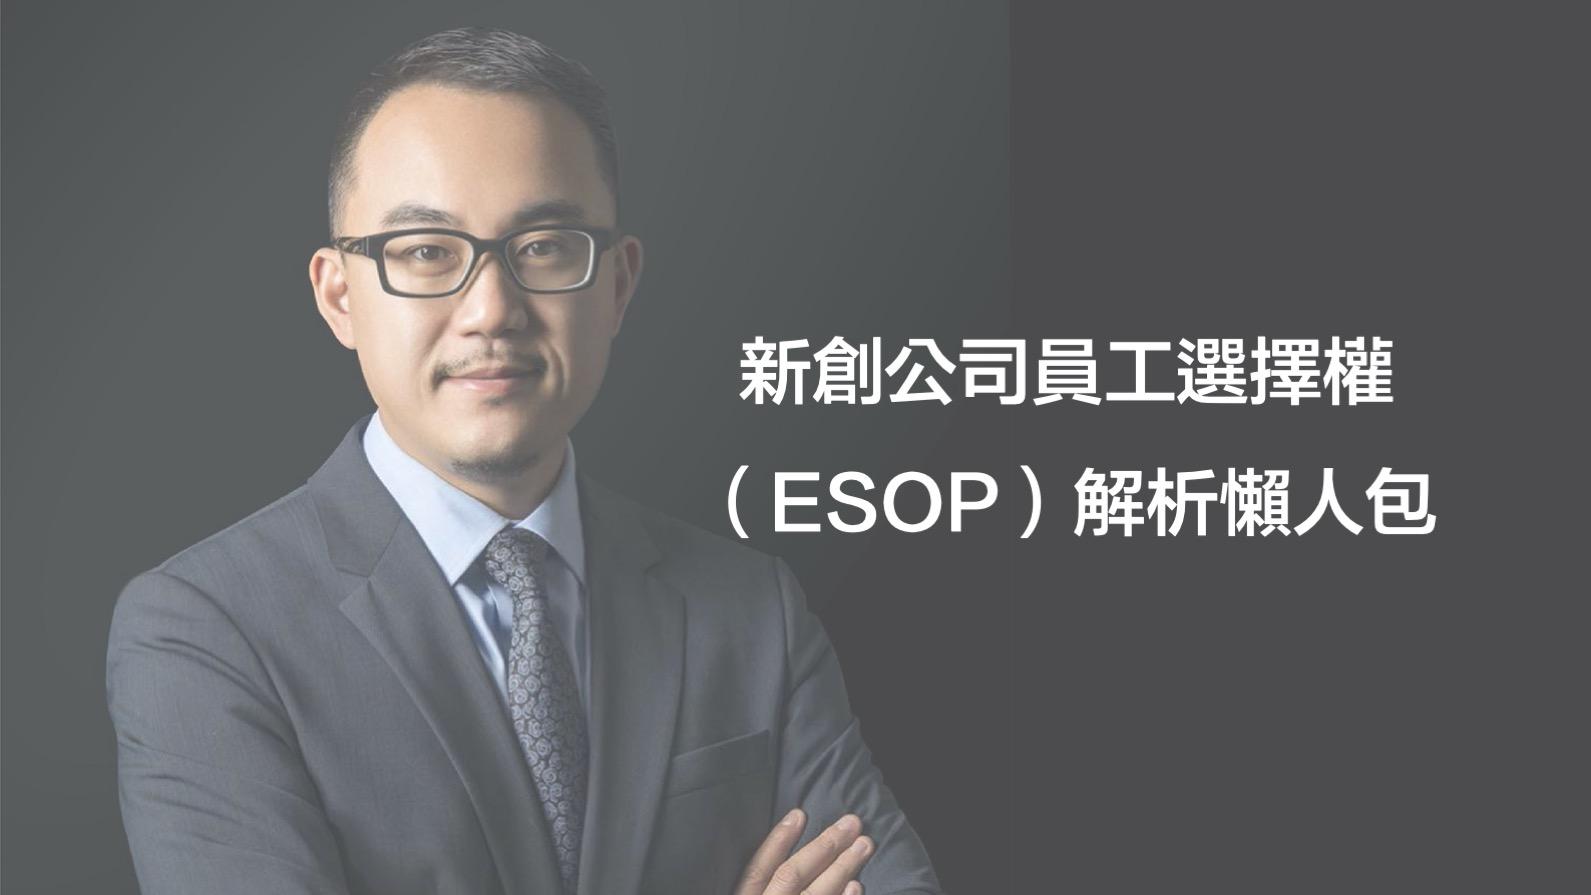 創投律師-黃沛聲-新創公司員工選擇權ESOP解析懶人包